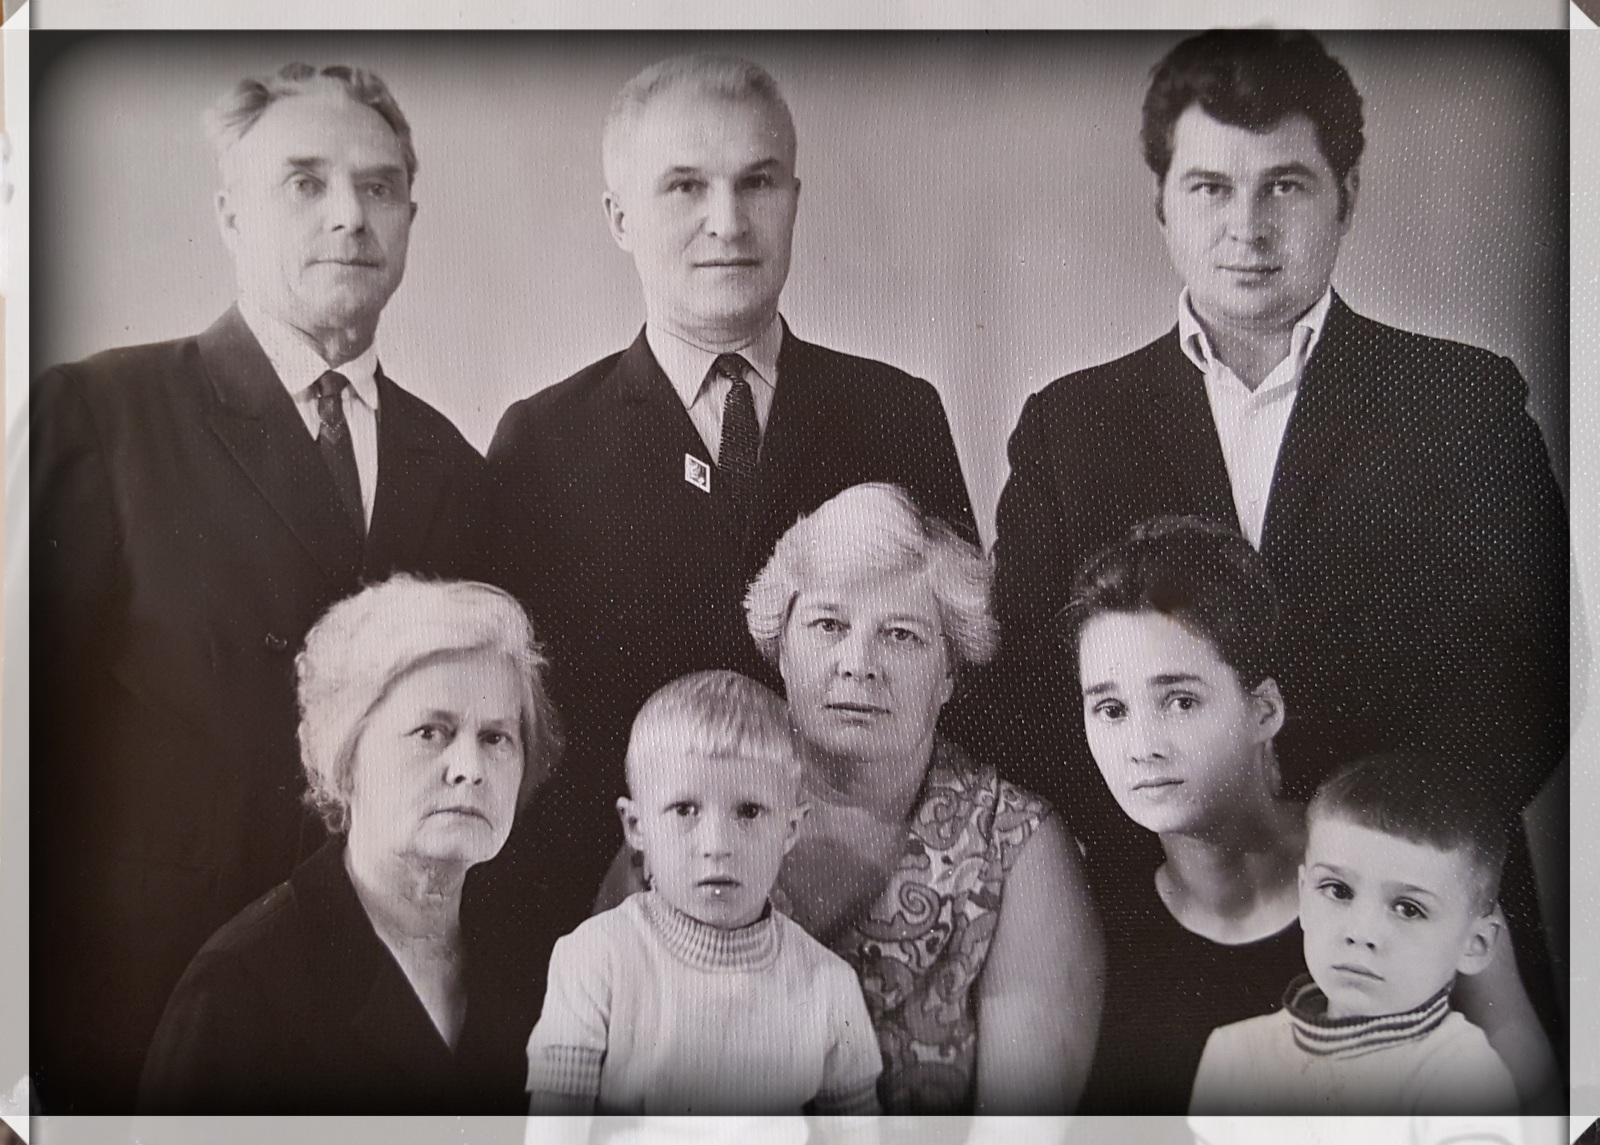 ОрдаМарафон. Моя семьЯ или люди, которые сделали меня. #3 Деды со стороны мамы